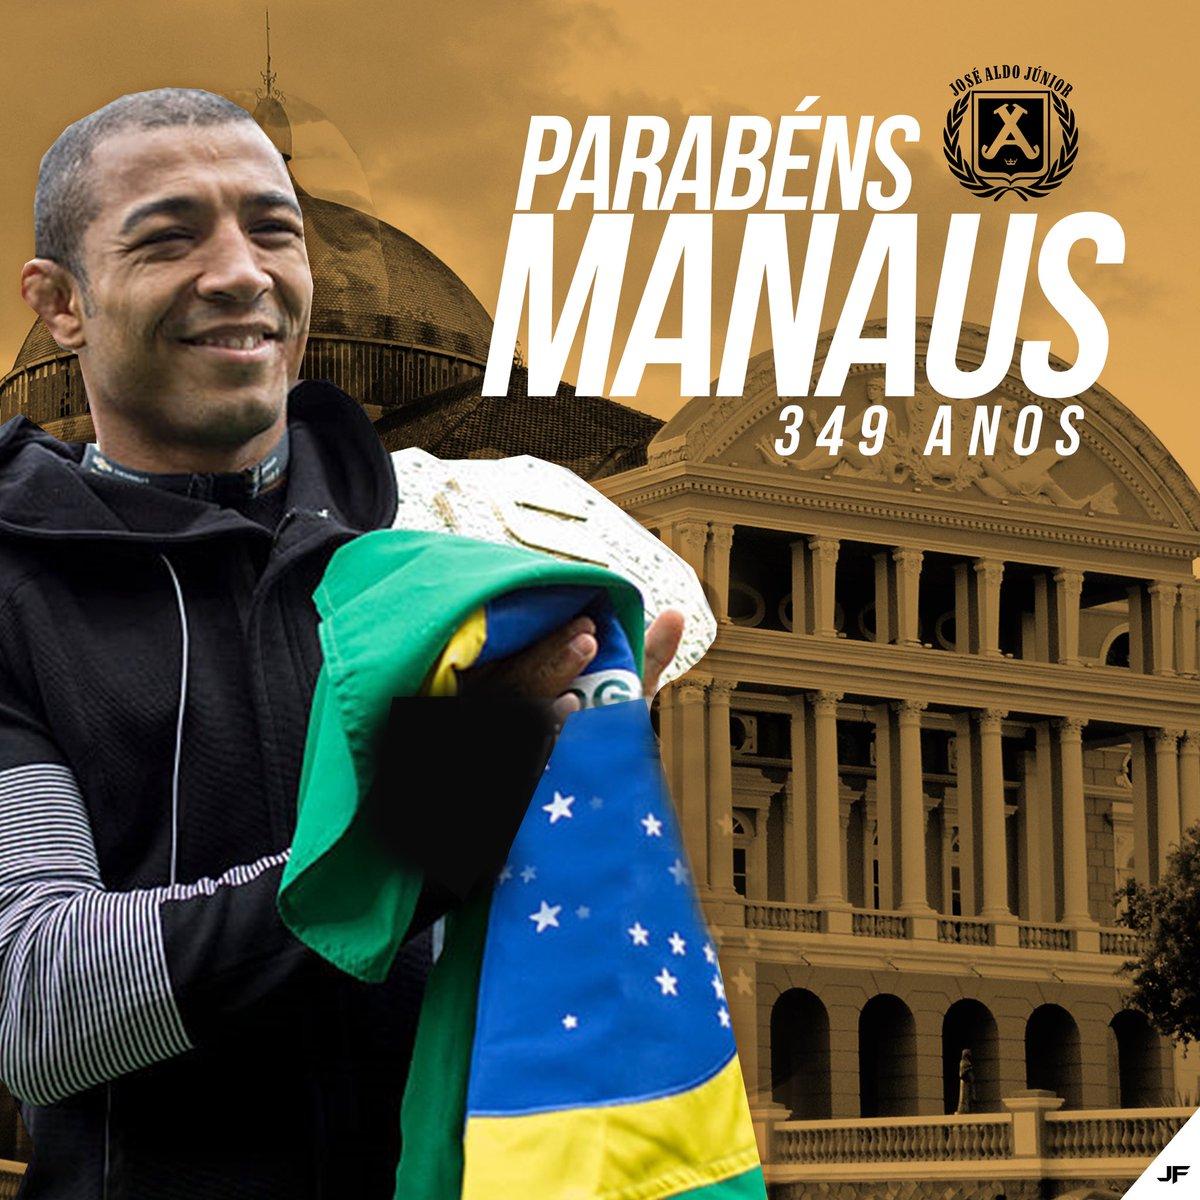 Parabéns #Manaus pelo seus 349 anos 👏🏽👏🏽👏🏽 👊🏽⭐️🥇